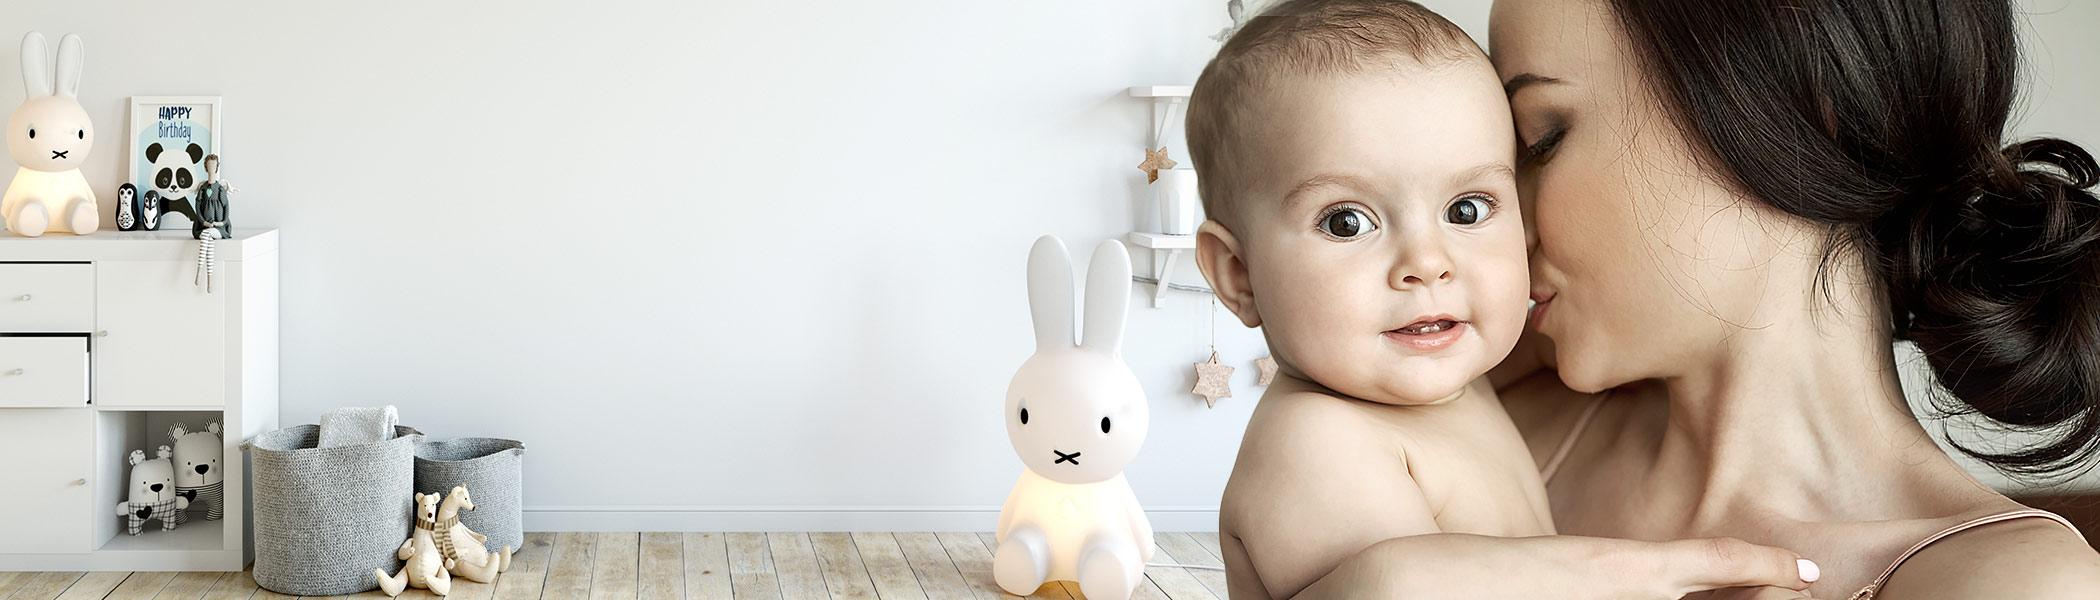 Yeni anneler ya da heyecanlı anne adaylarının bebek bakımı ile ilgili ihtiyaç duyduğu bütün konuları konuşarak, yardımlaşarak, paylaşarak çözüyoruz. Hangi bebek bezini kullanmalıyım, en iyi bebek maması hangi markada, bebeğime nasıl uyku eğitimi veririm diyorsan sen de bize katıl!